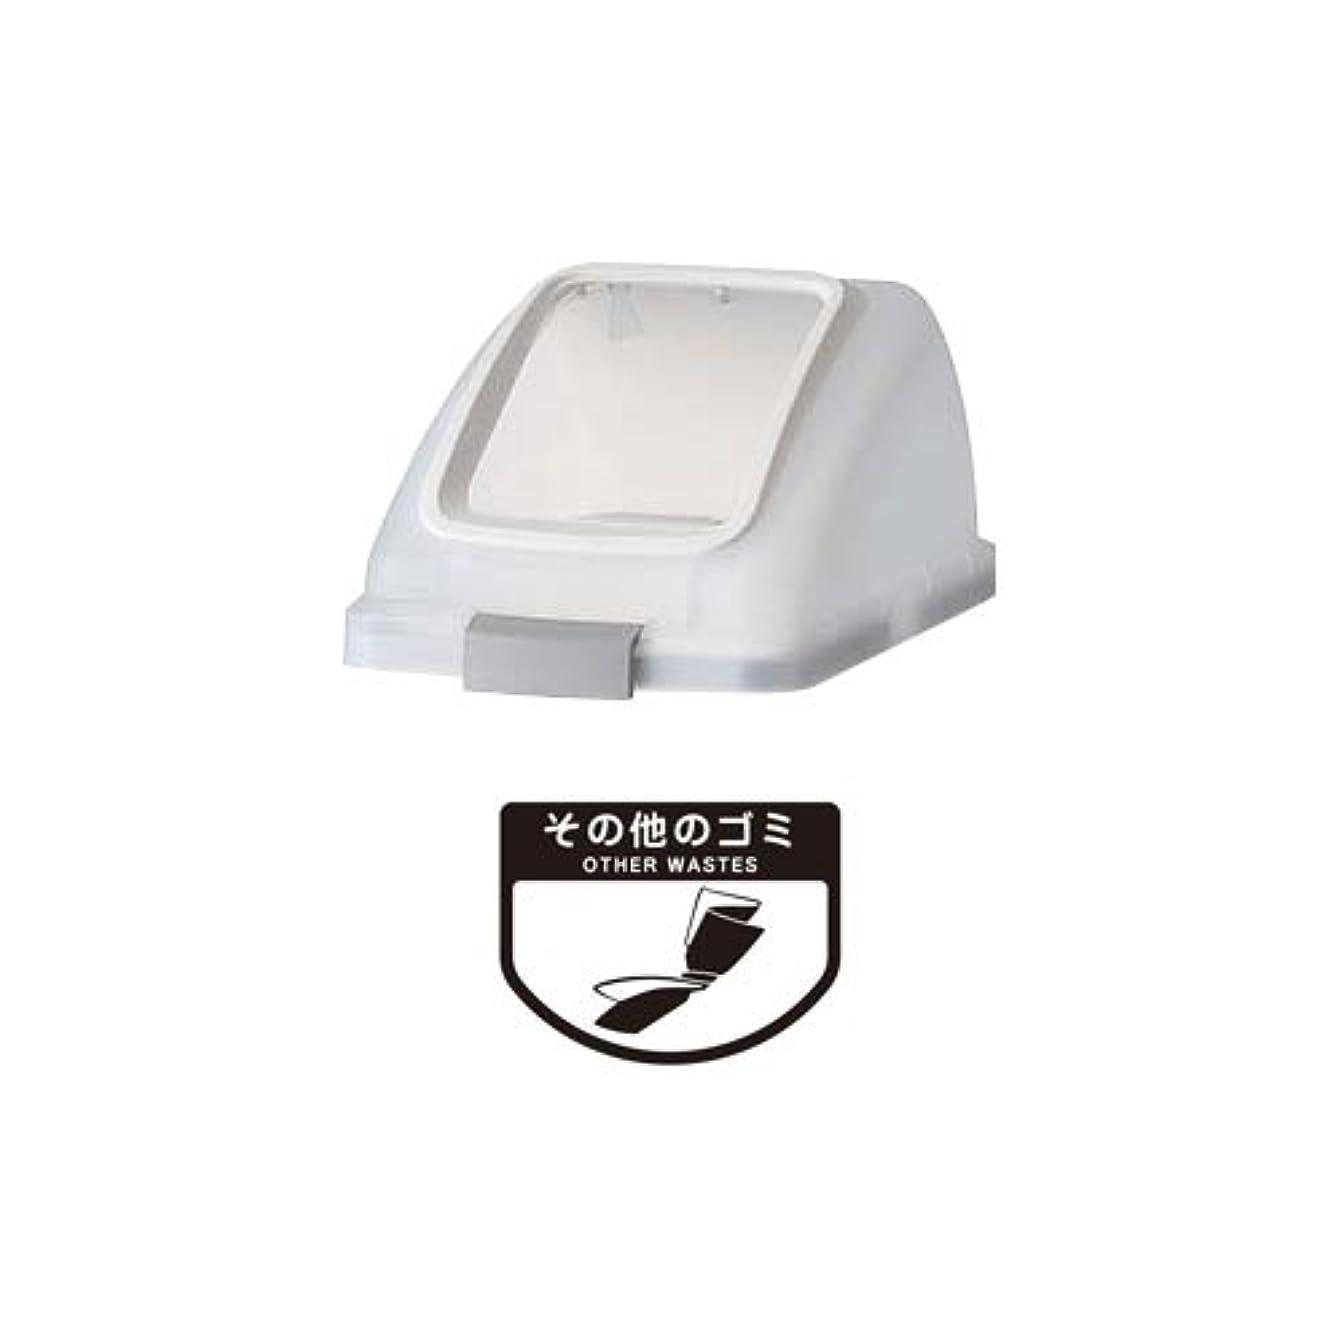 ロータリー哲学的はい山崎産業 施設用品 リサイクルトラッシュ SKL-70 角穴蓋 ホワイト